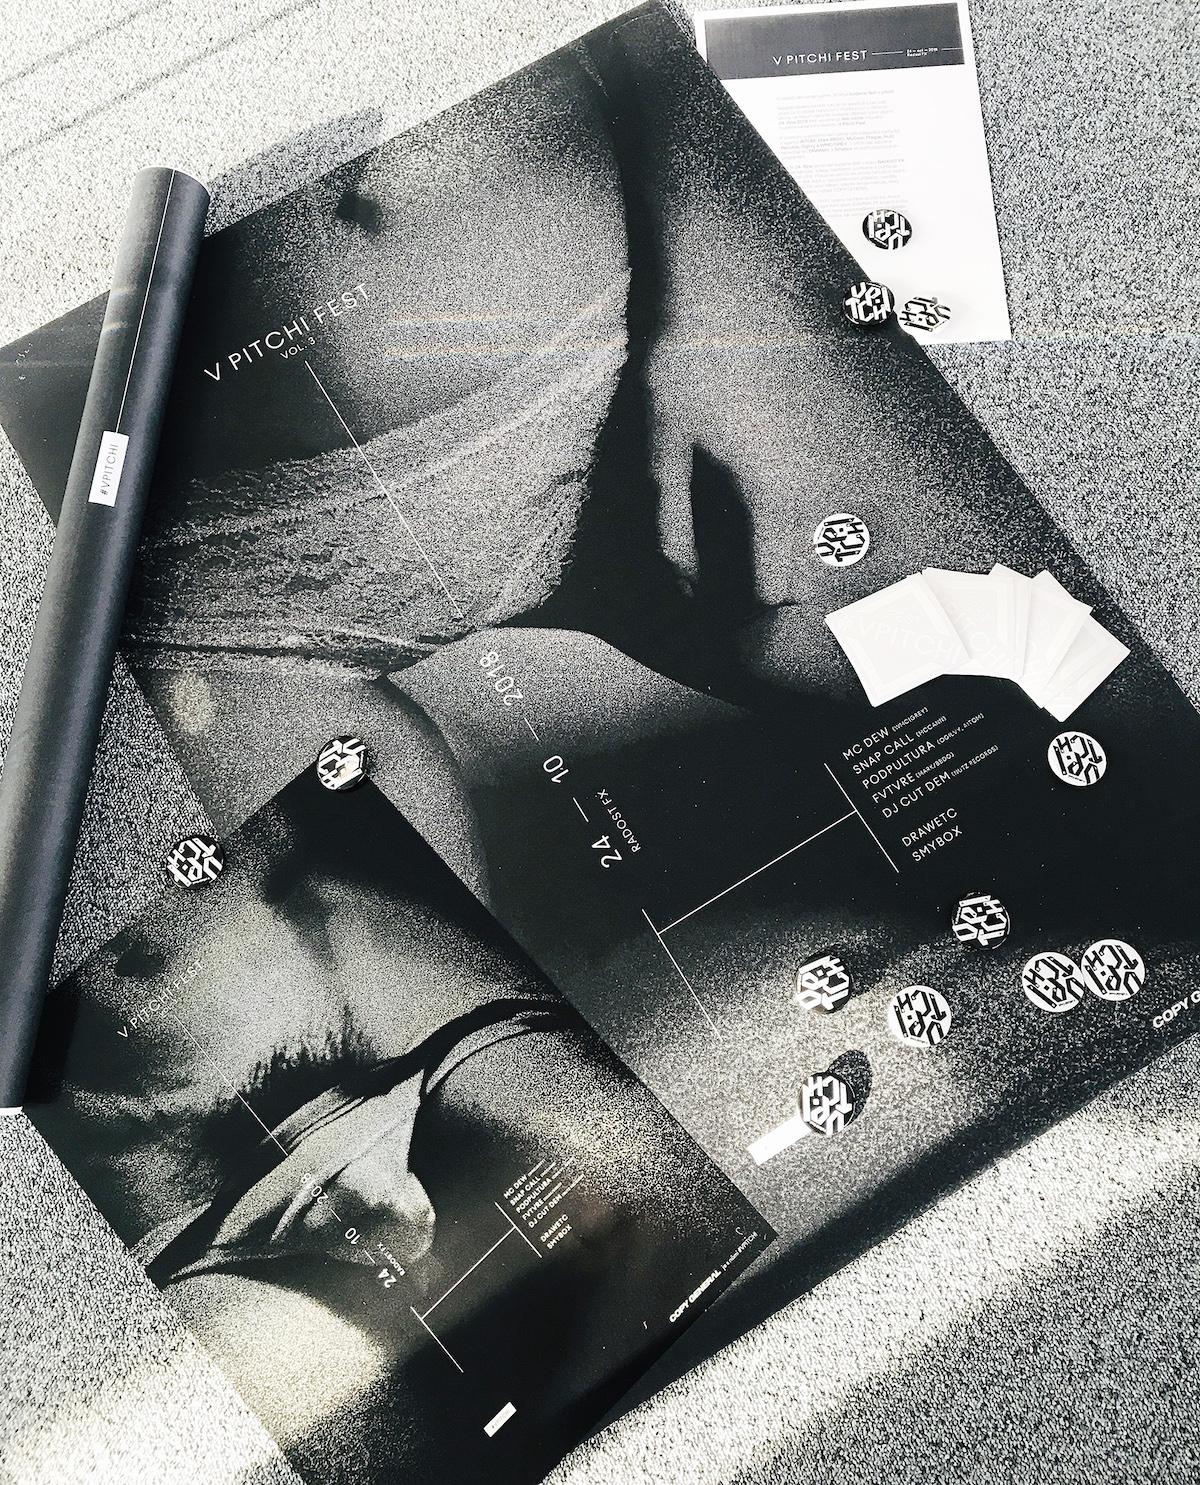 V pitchi fest: Plakáty, placky, samolepky (WMC Grey)